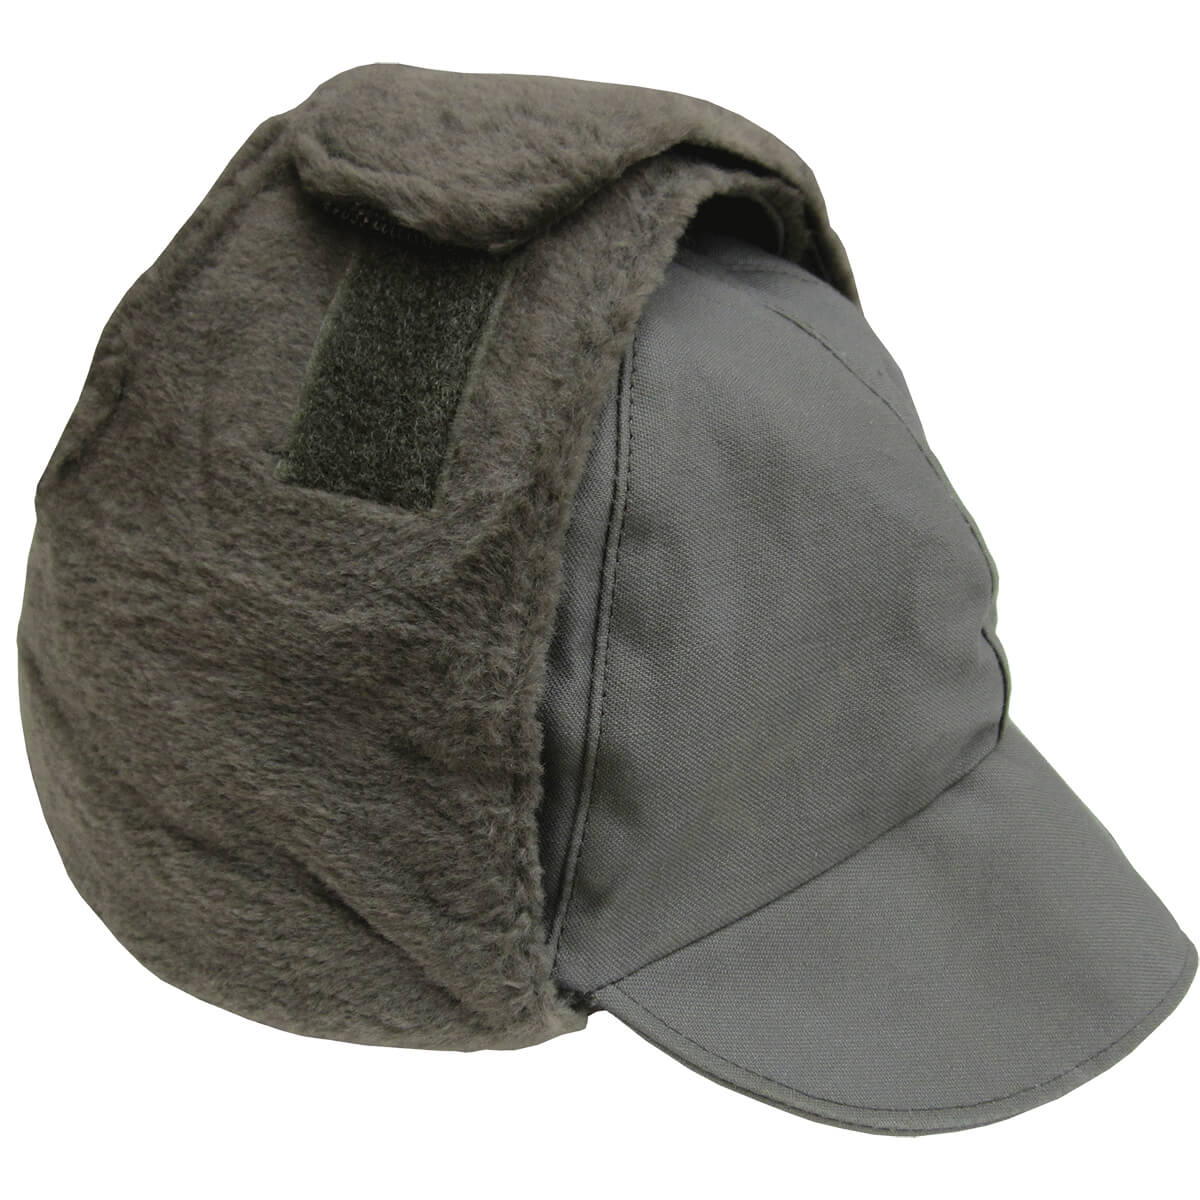 German Winter Hat, 2 pack